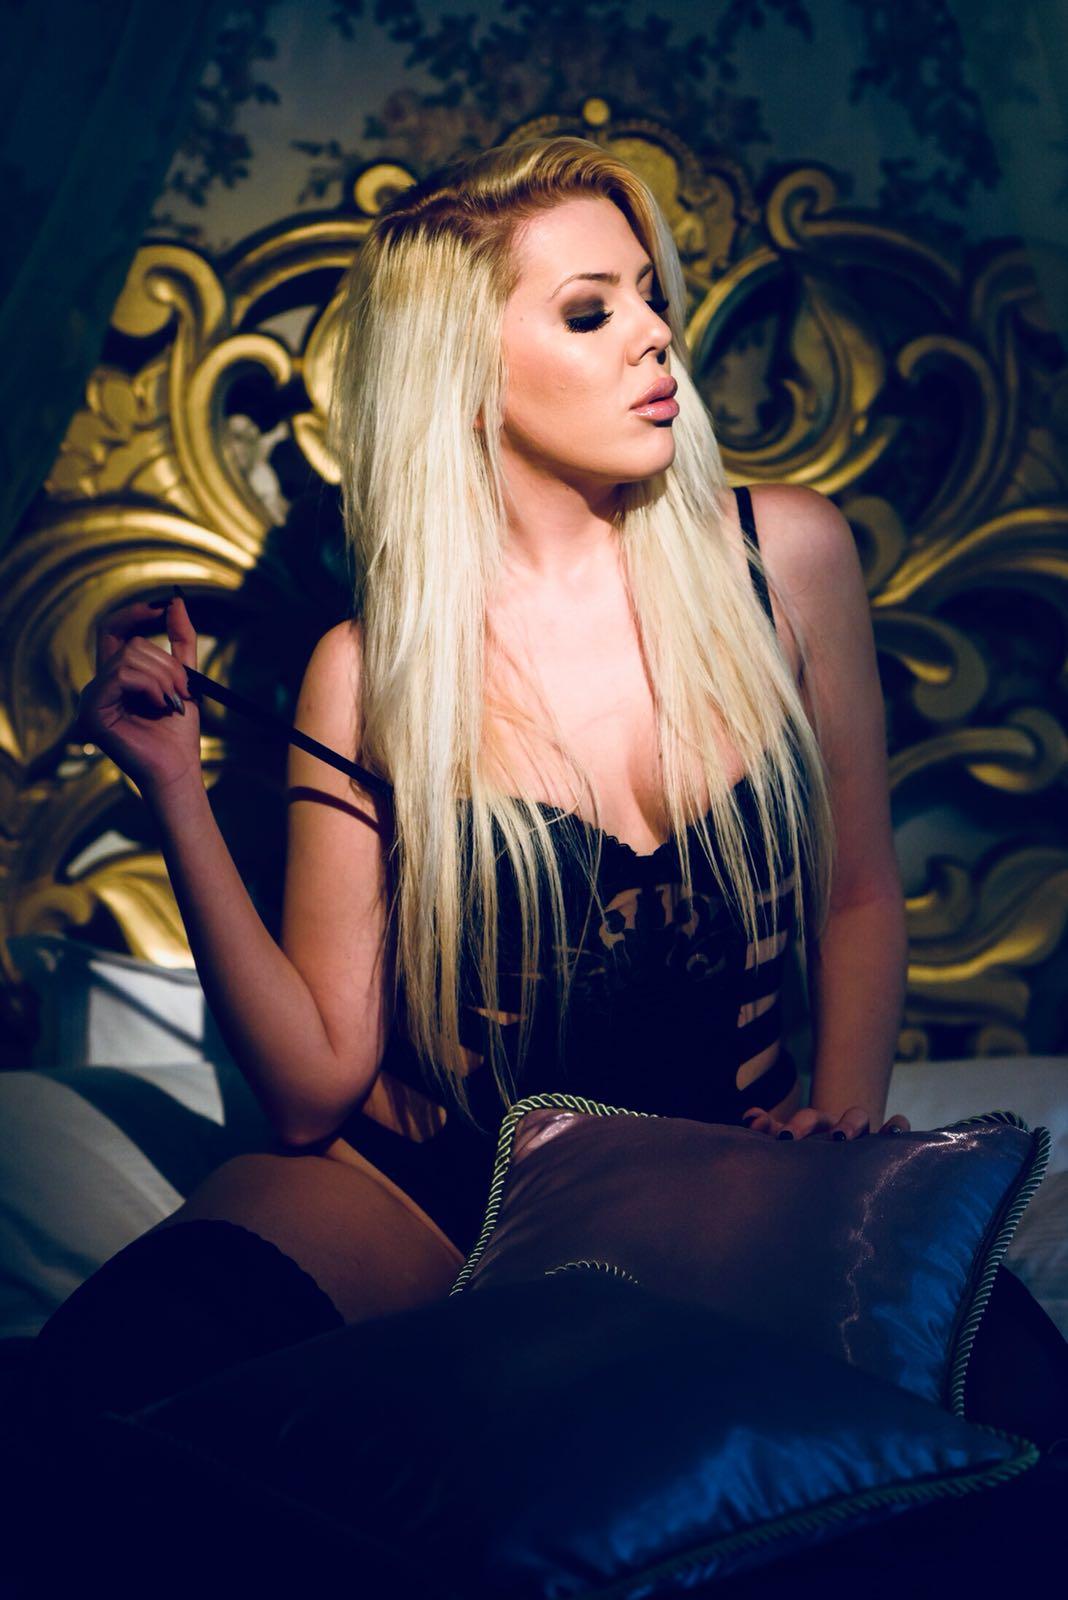 Amina Blond